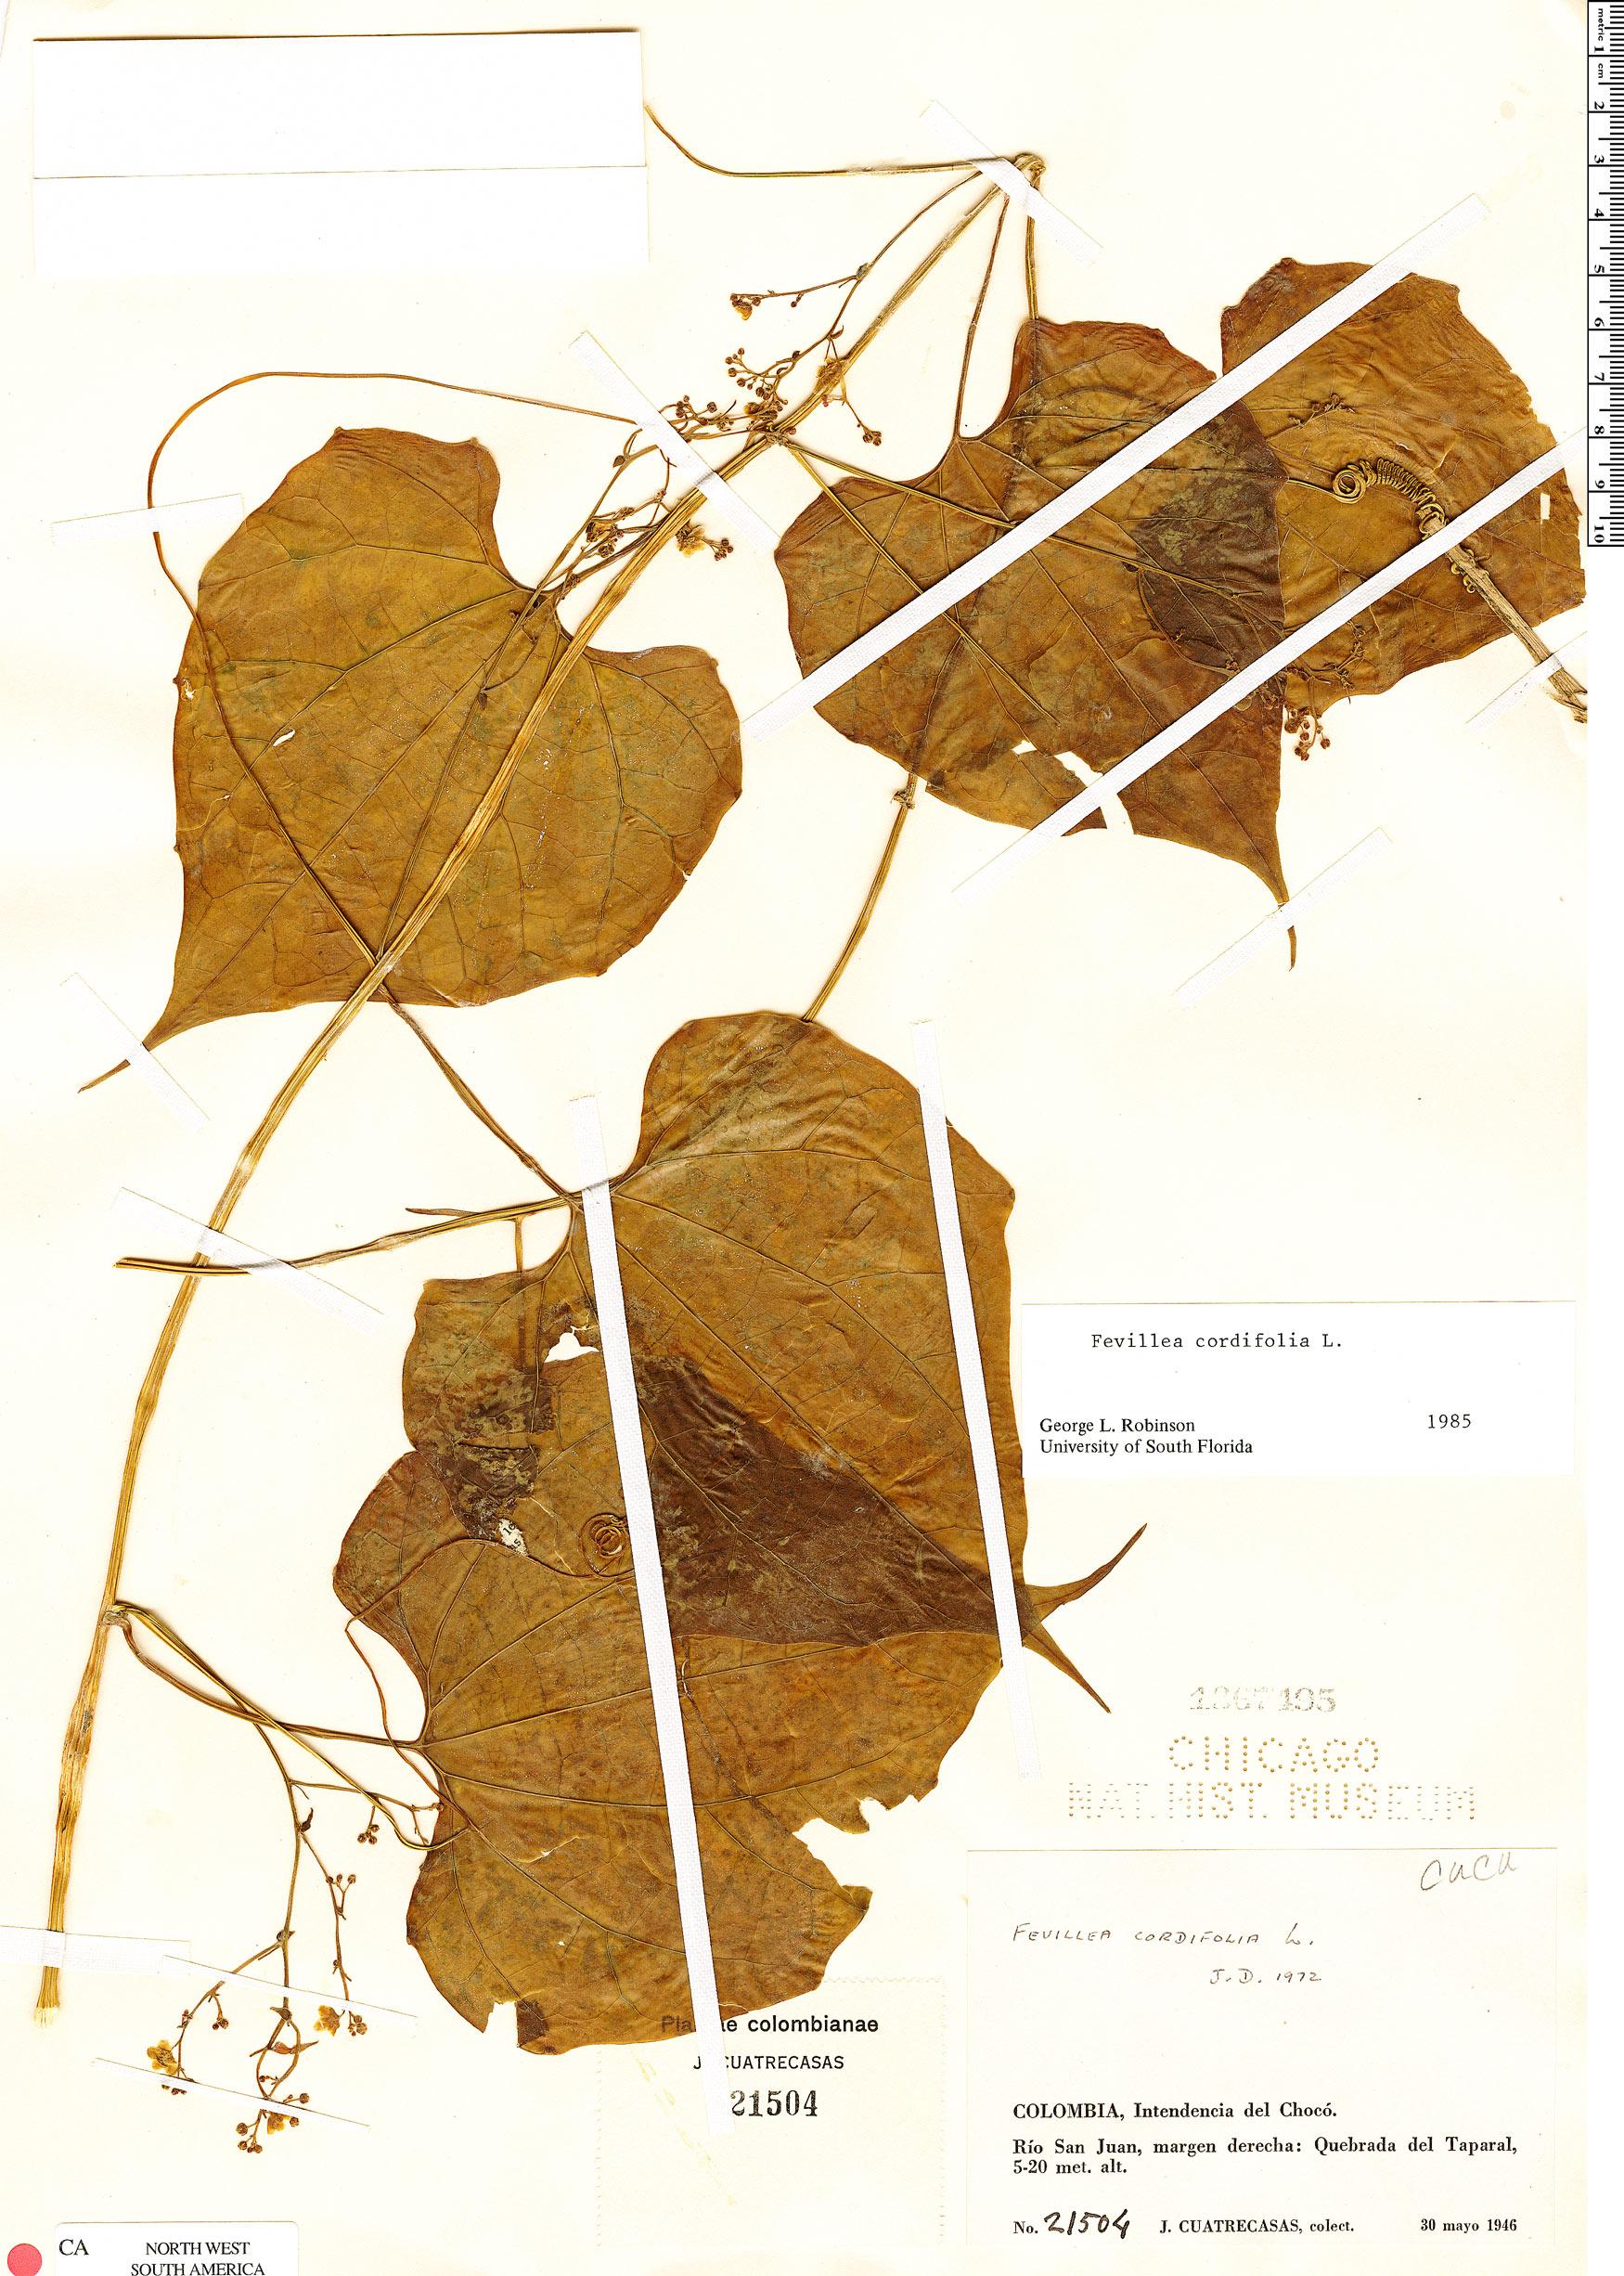 Specimen: Fevillea cordifolia